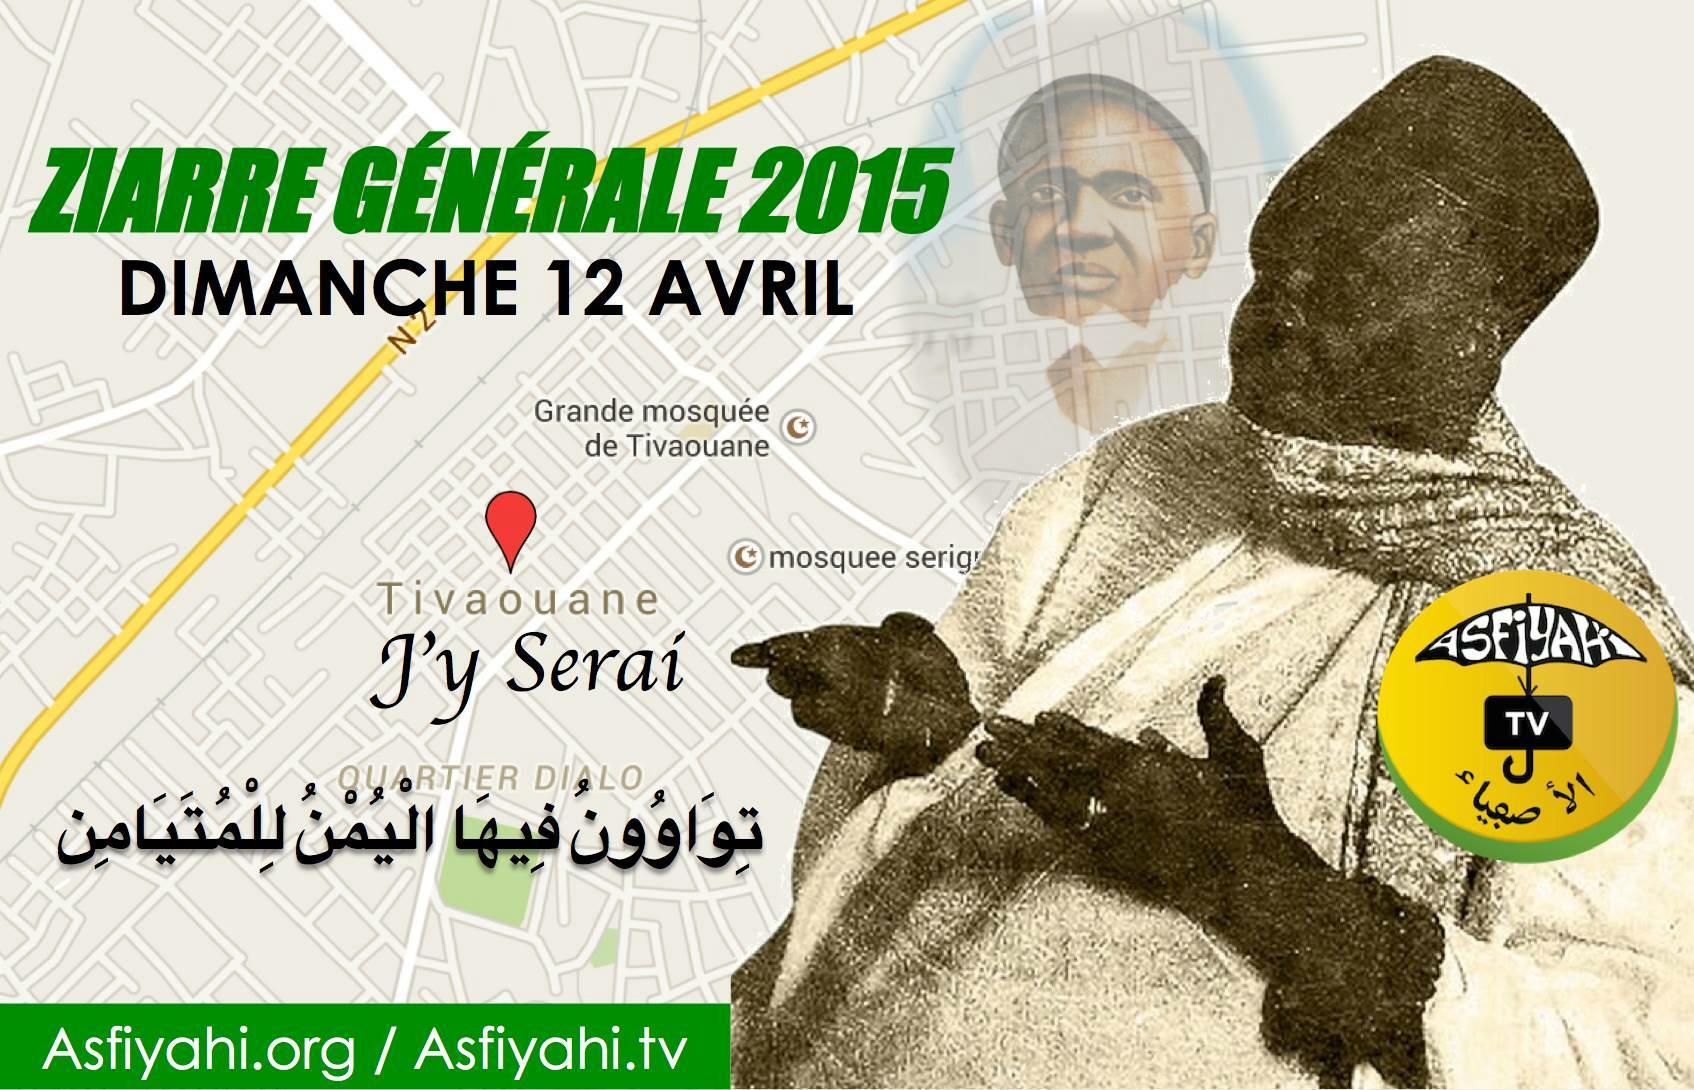 VIDEO - Ziarre Generale de ce Dimanche 12 Avril 2015 à Tivaouane: Suivez l'appel de Serigne Abdoul Aziz Sy Al Amine